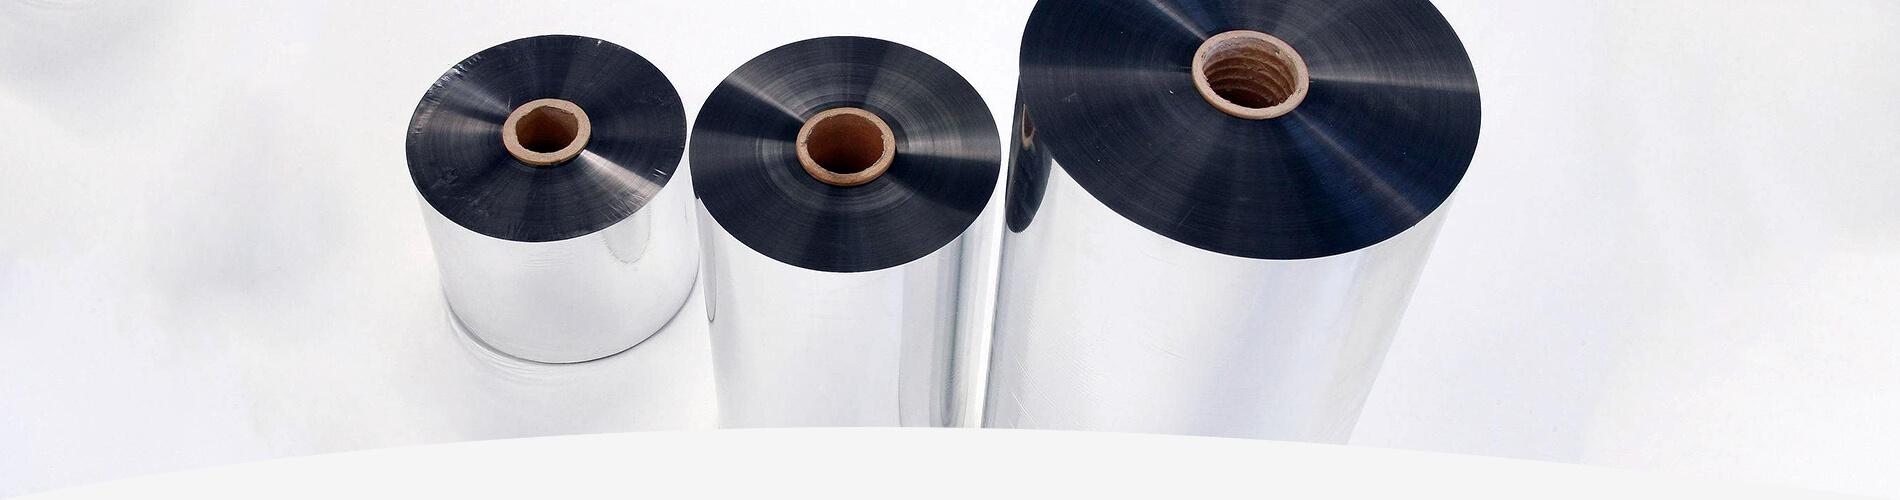 Metalized film - Metalized PET film, Metalized OPP film